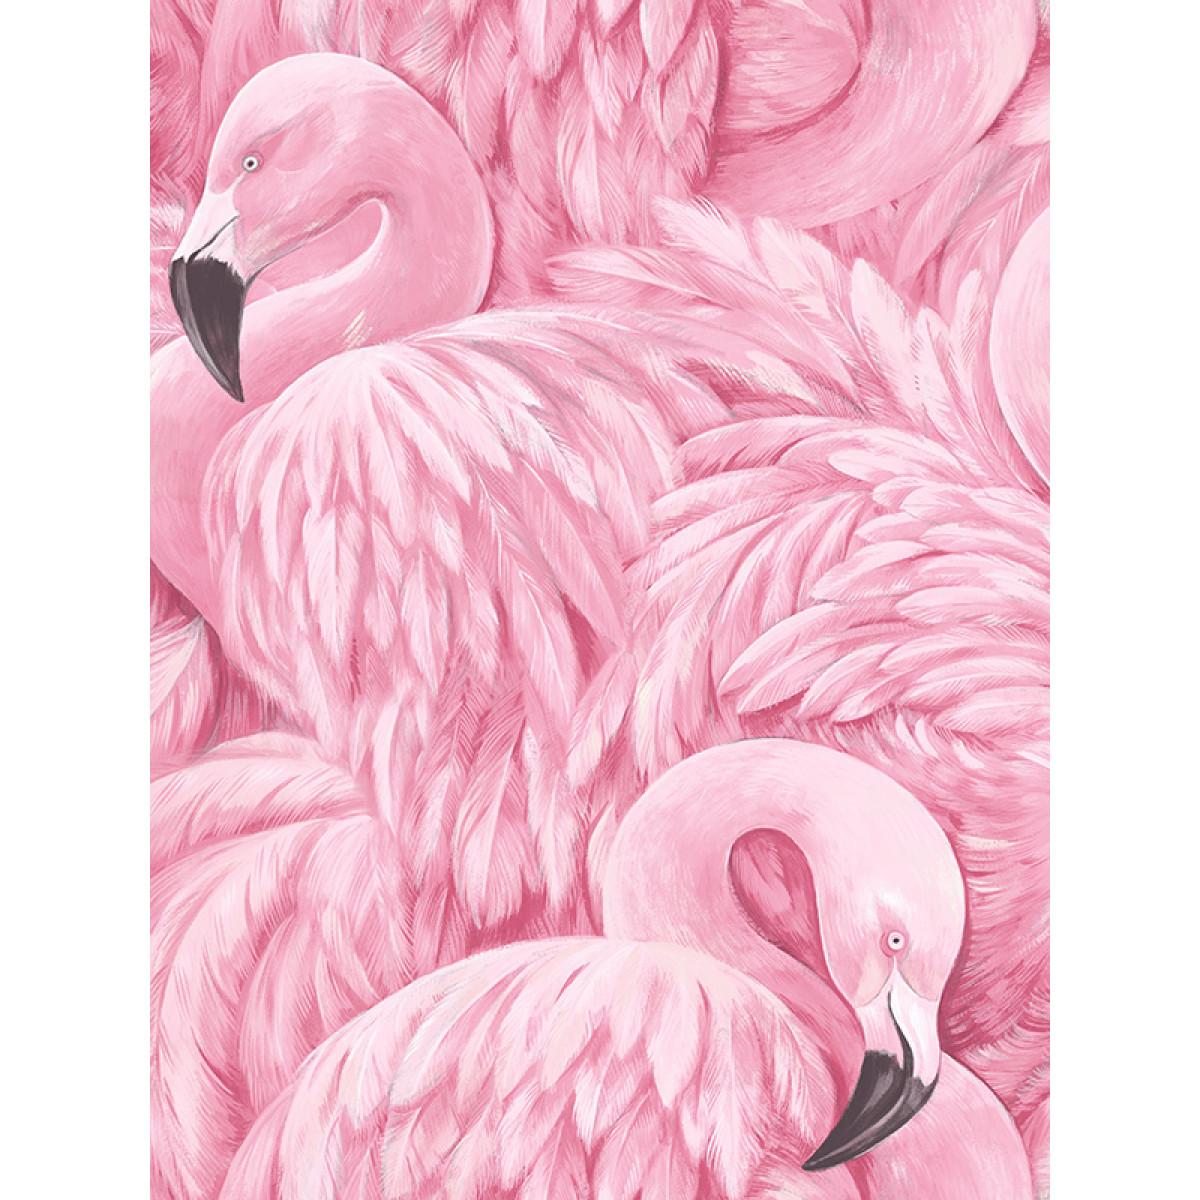 Flamingo Wallpaper Pink Rasch 277890 Feature Decor